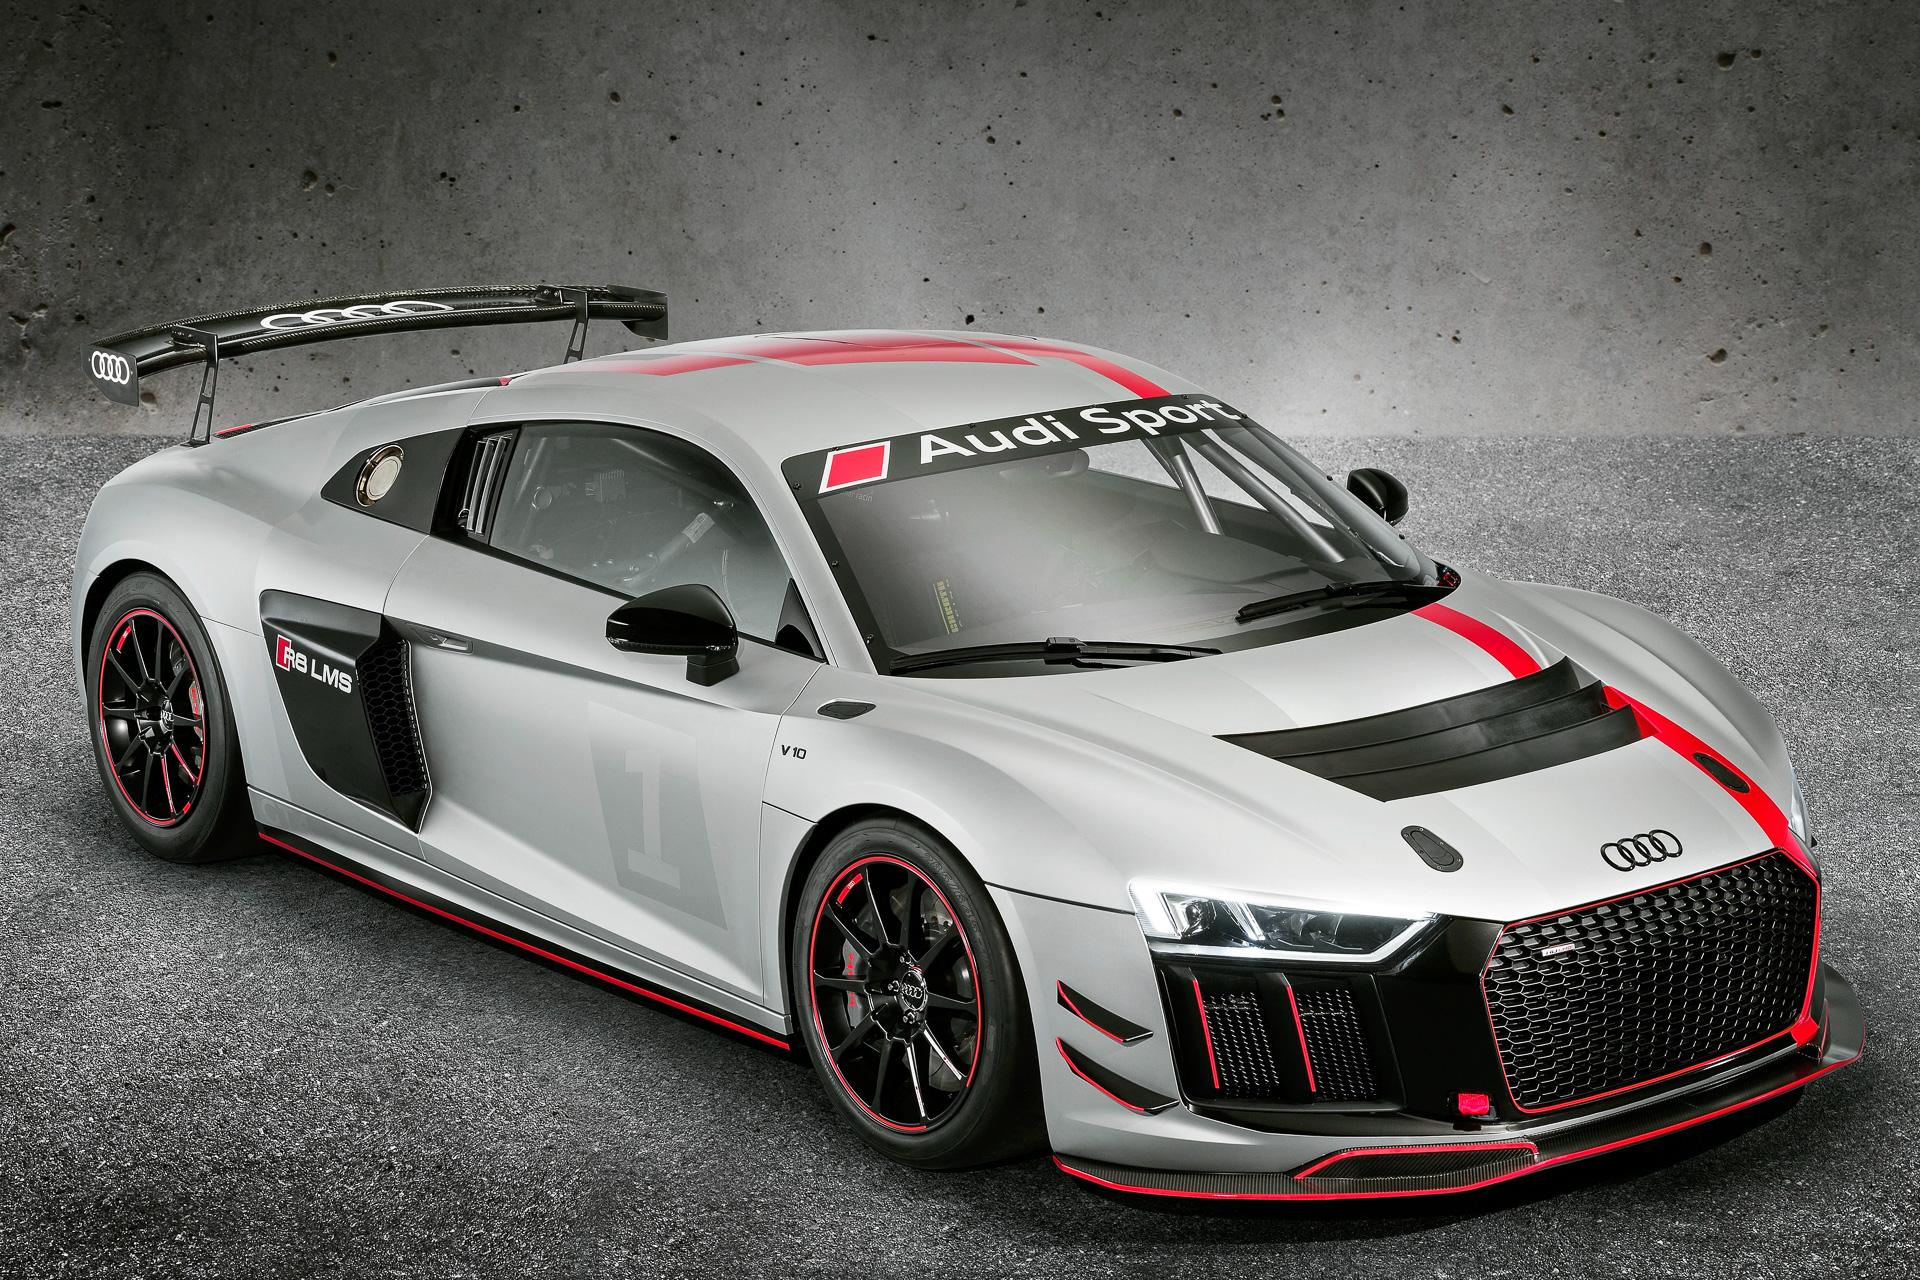 アウディ、2989万円で「R8 LMS GT4」発売。GT4カテゴリーのレーシングカー